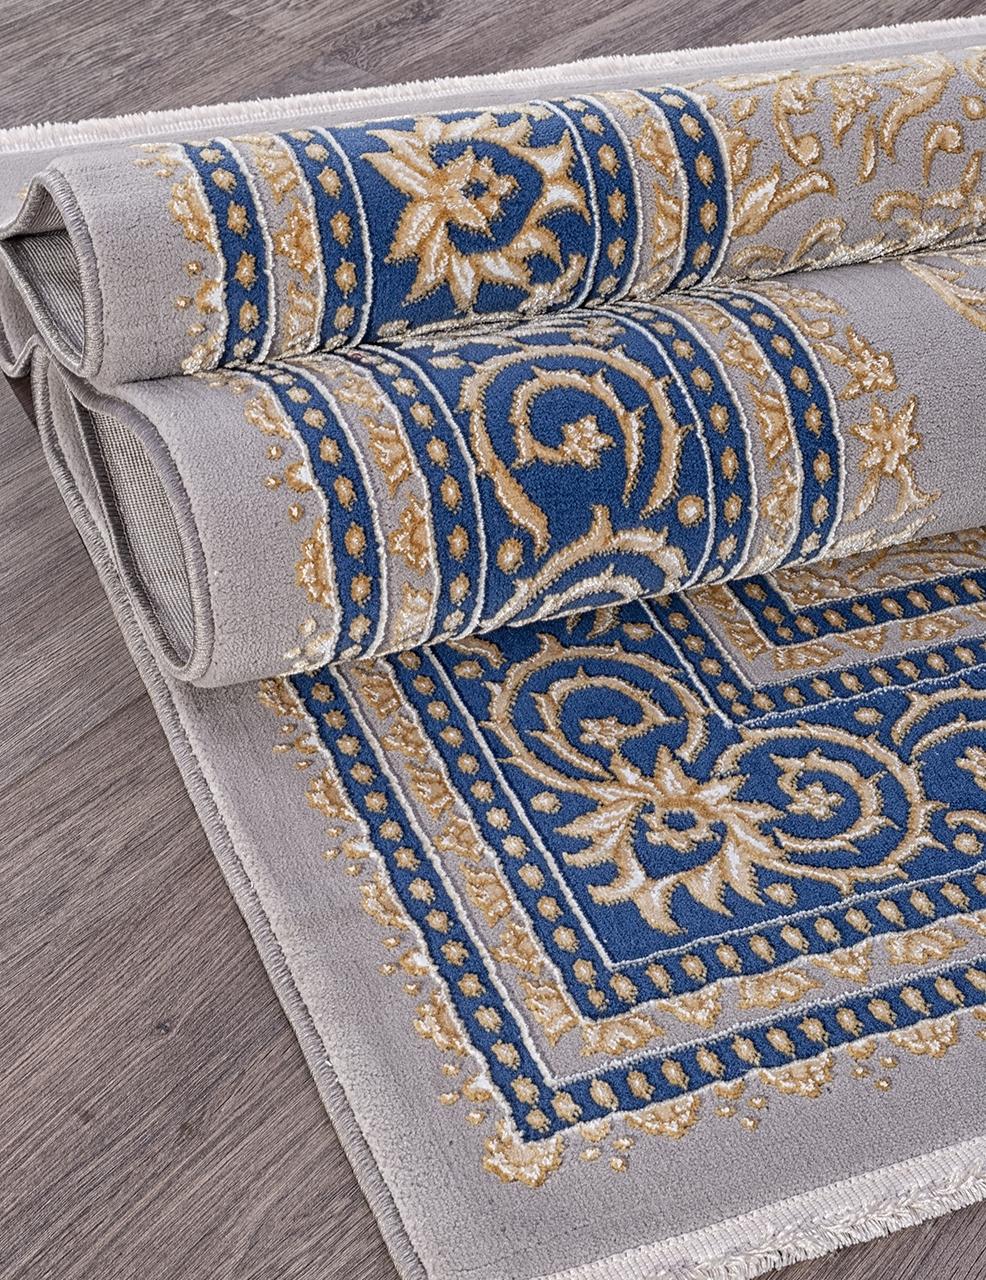 Ковер 33030 - 035 NAVY - Прямоугольник - коллекция QATAR - фото 3